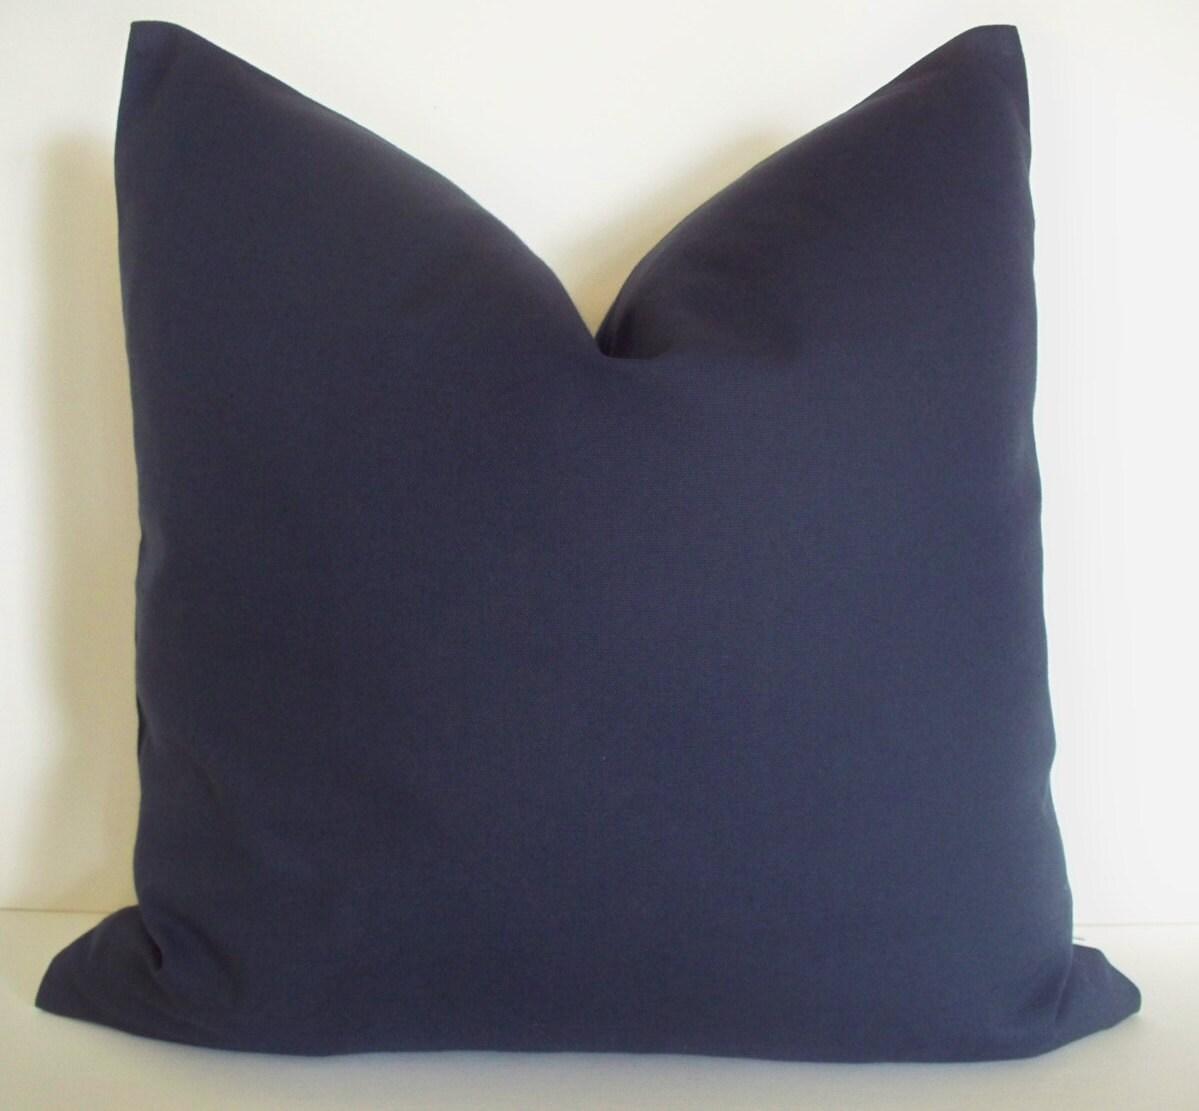 Indigo Blue Throw Pillow : Navy Blue Pillow Indigo Blue Decorative Pillow Cover BOTH